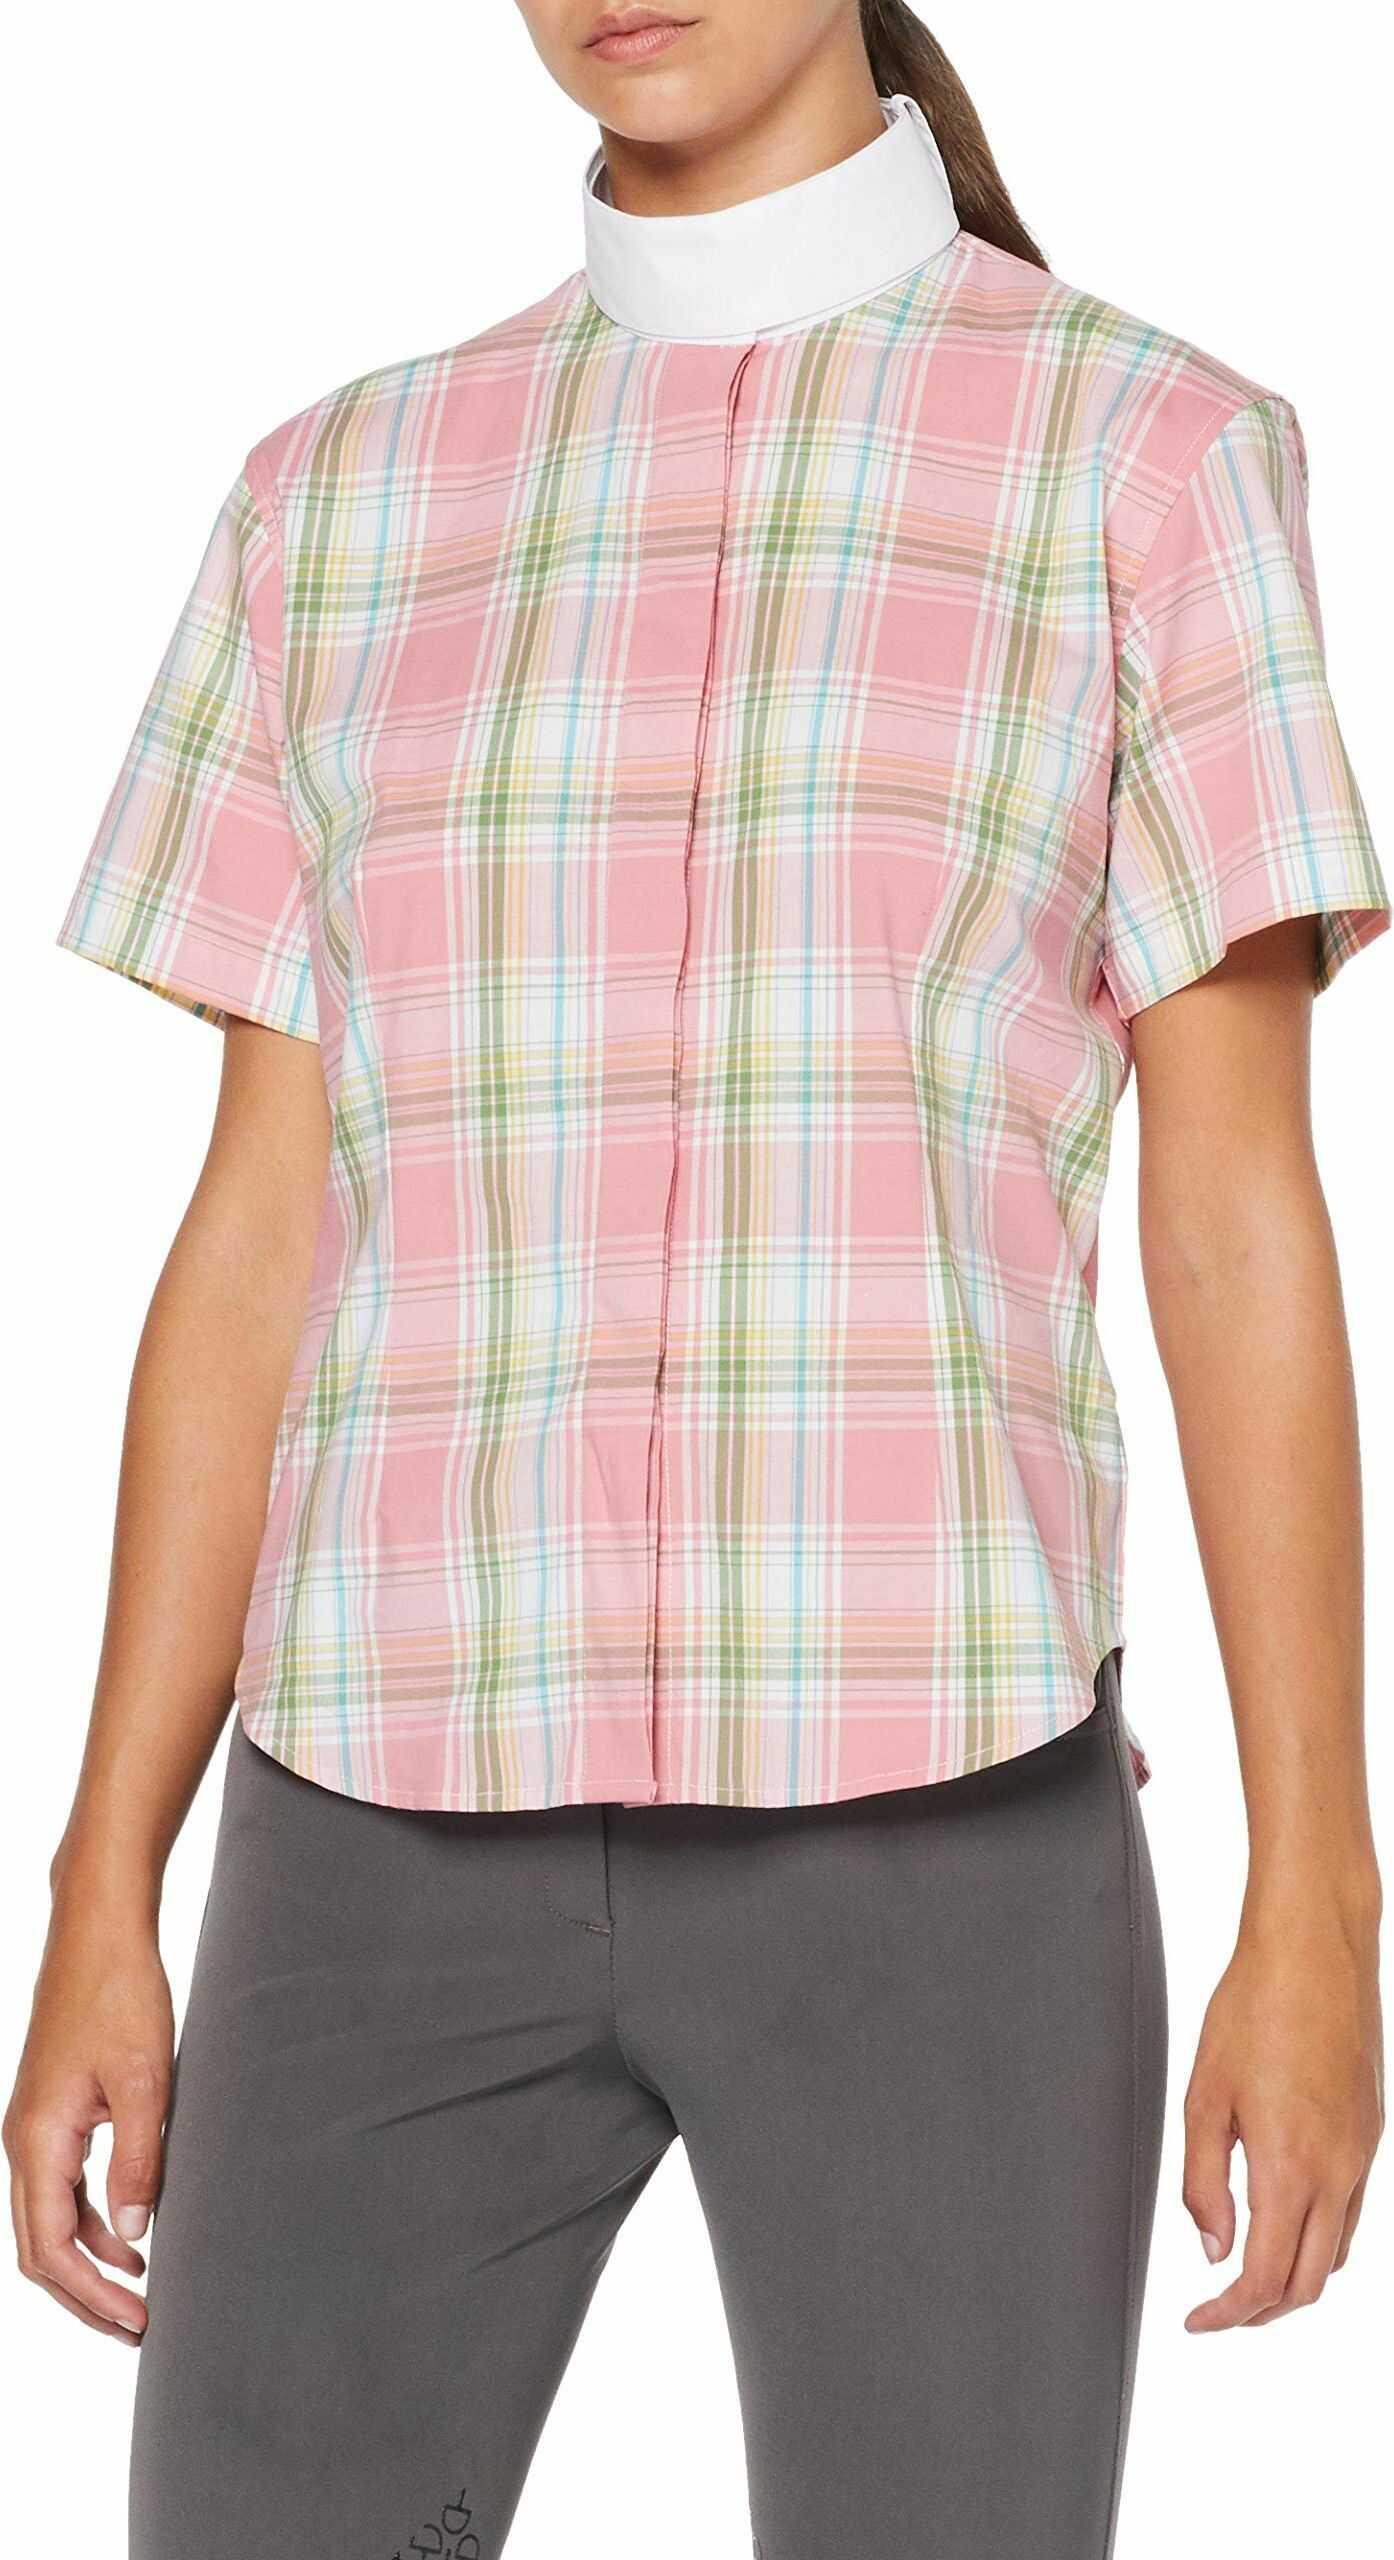 HKM Damska bluzka jeździecko-elastyczna, rękaw 1/4, różowa/biała/zielona w kratkę, XL